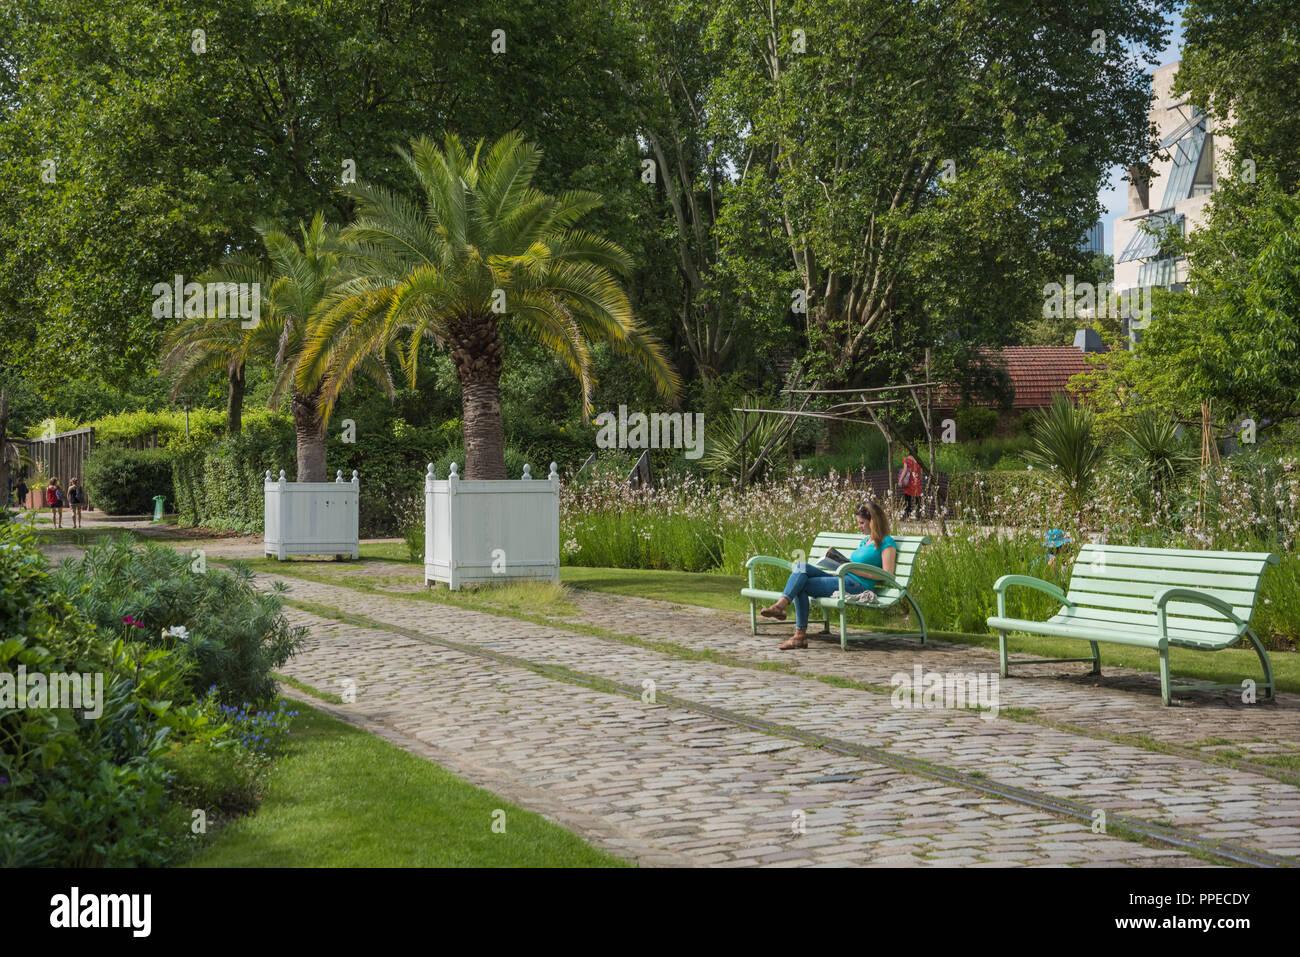 Paris, Park von Bercy - Paris, Parc de Bercy - Stock Image